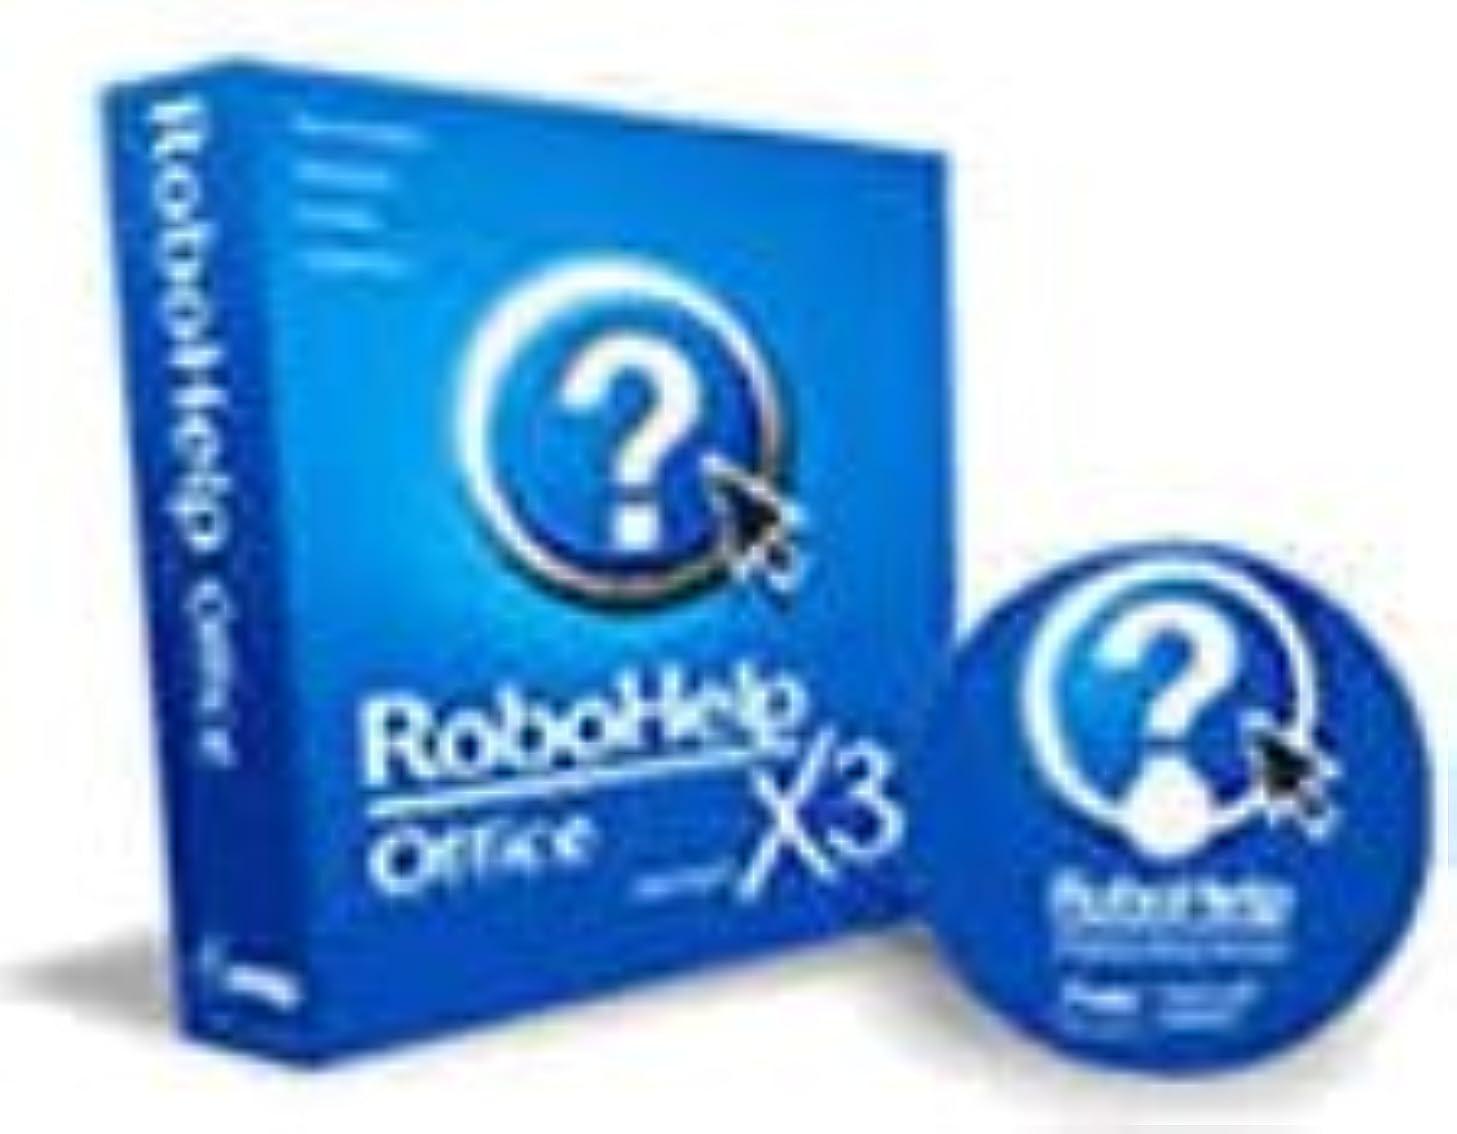 セーターハイキングスペクトラムRoboHelp Office X3 Windows